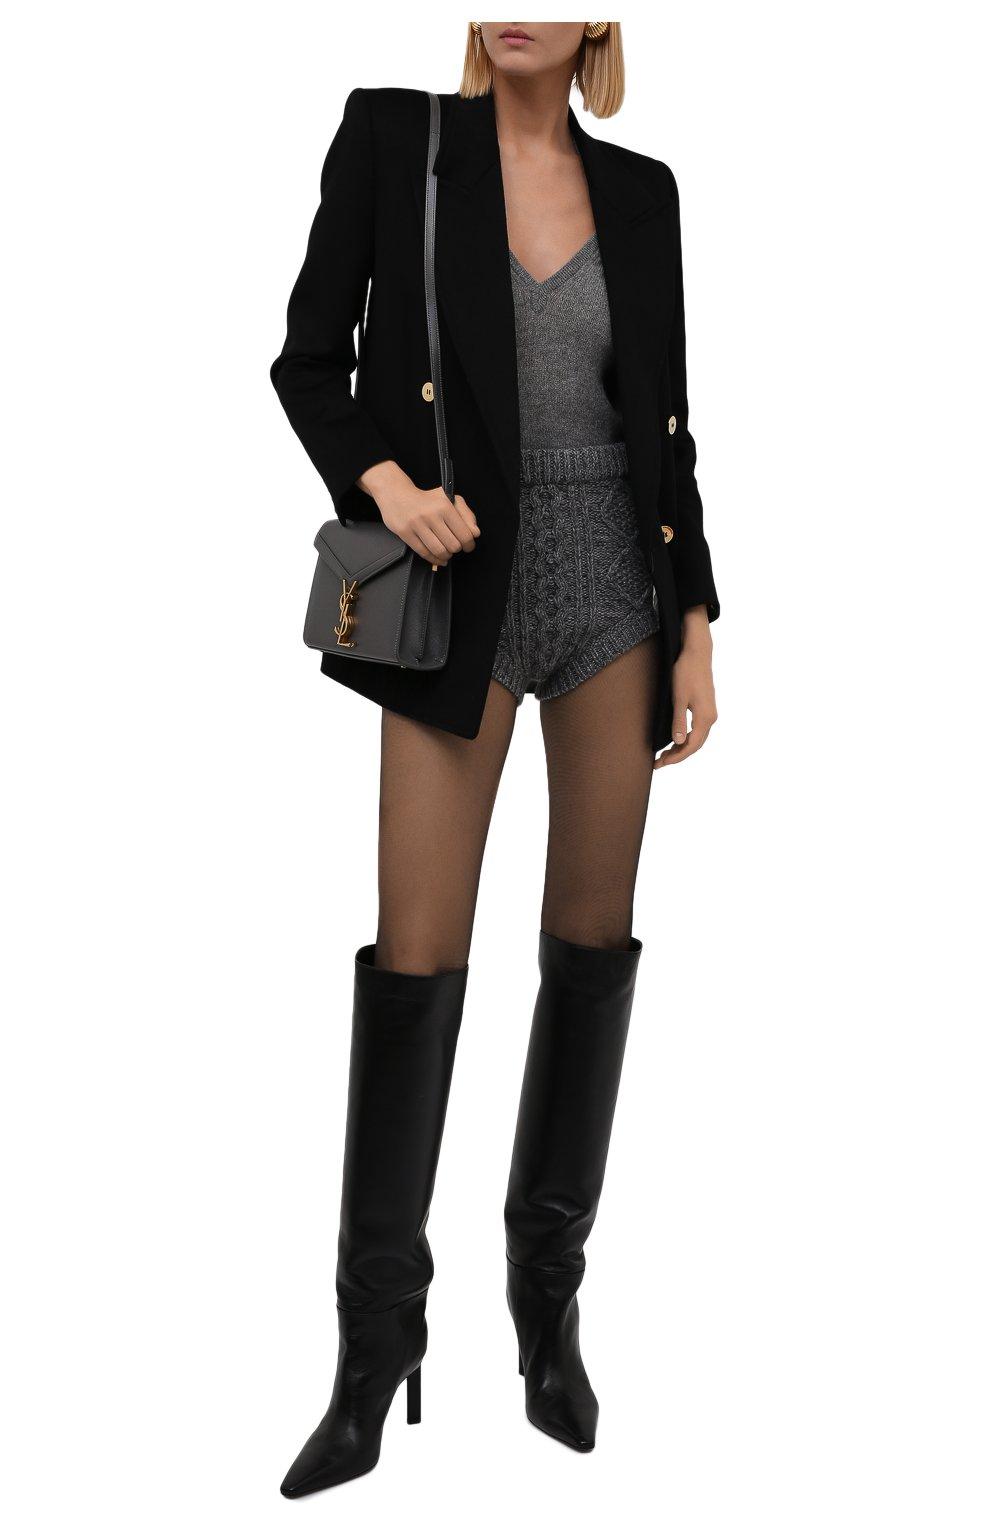 Женские шорты REDVALENTINO темно-серого цвета, арт. WR0KF00E/66S | Фото 2 (Женское Кросс-КТ: Шорты-одежда; Стили: Гламурный; Длина Ж (юбки, платья, шорты): Мини; Материал внешний: Синтетический материал; Кросс-КТ: Трикотаж)